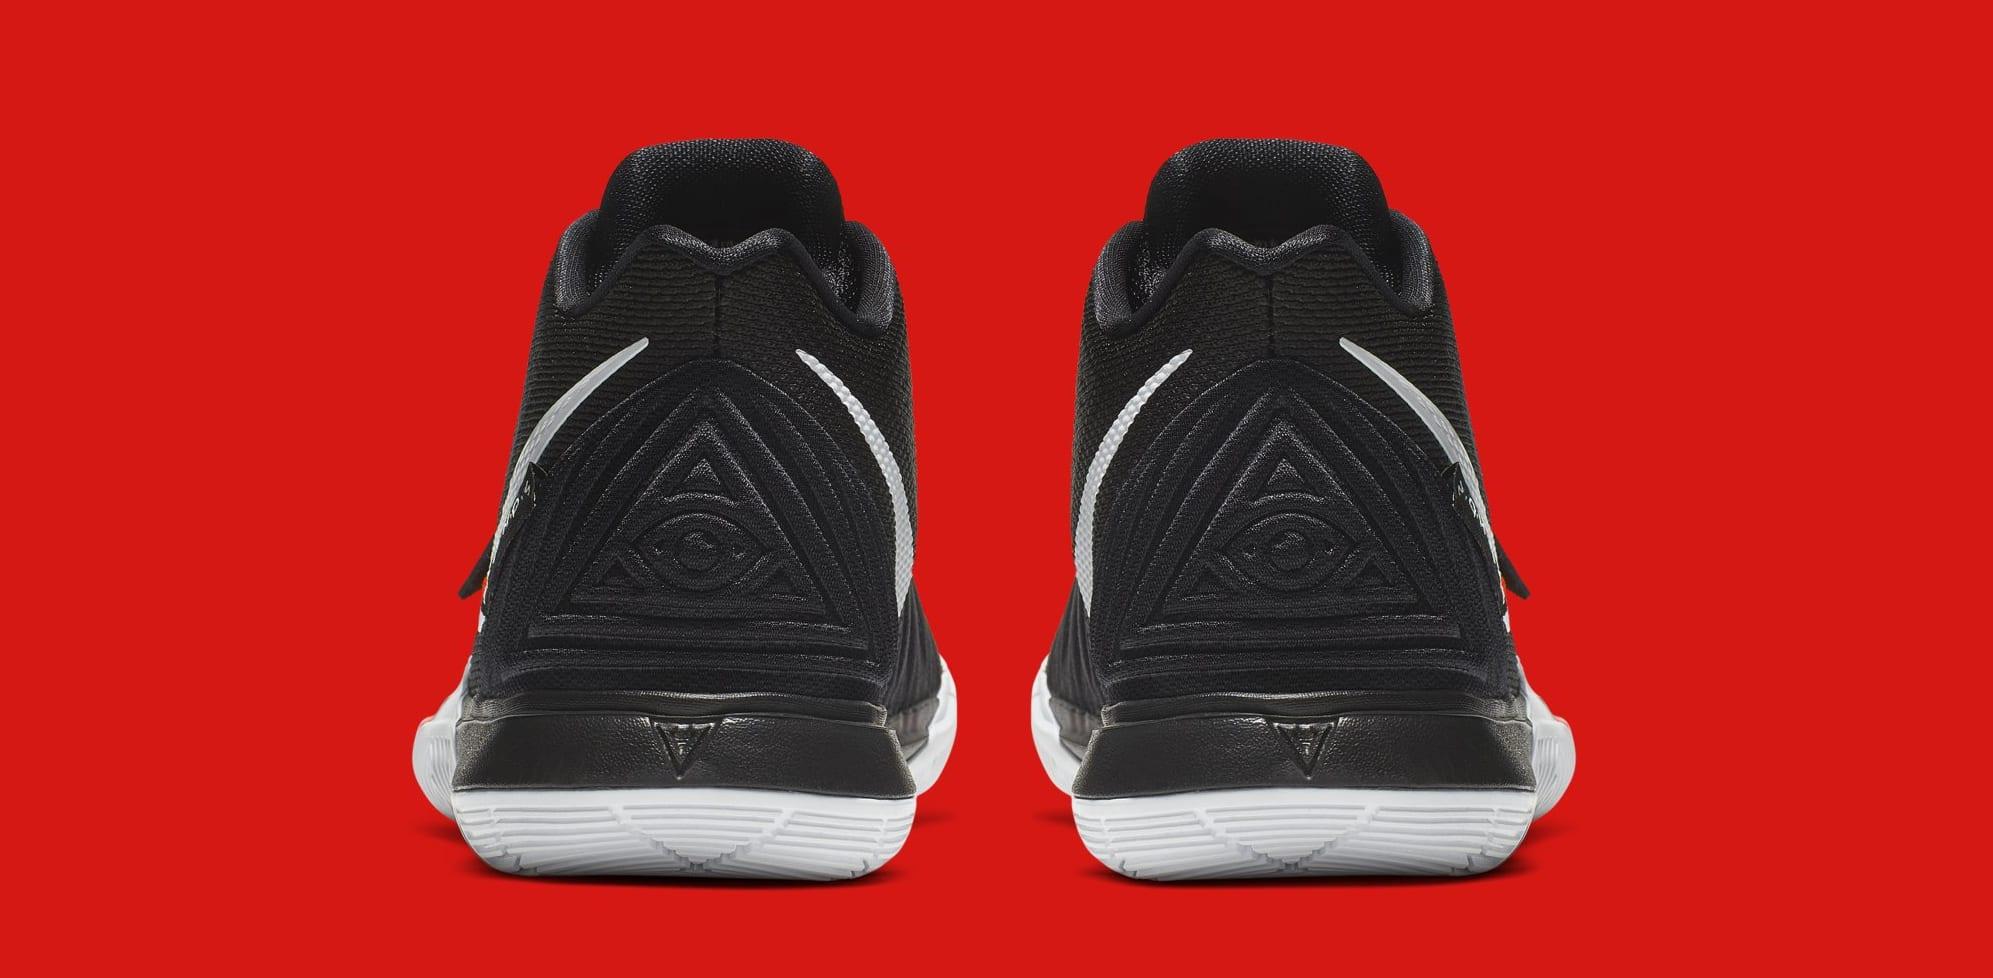 f83b254ae27 Image via Nike Nike Kyrie 5  Friends  AQ2456-006 (Heel)